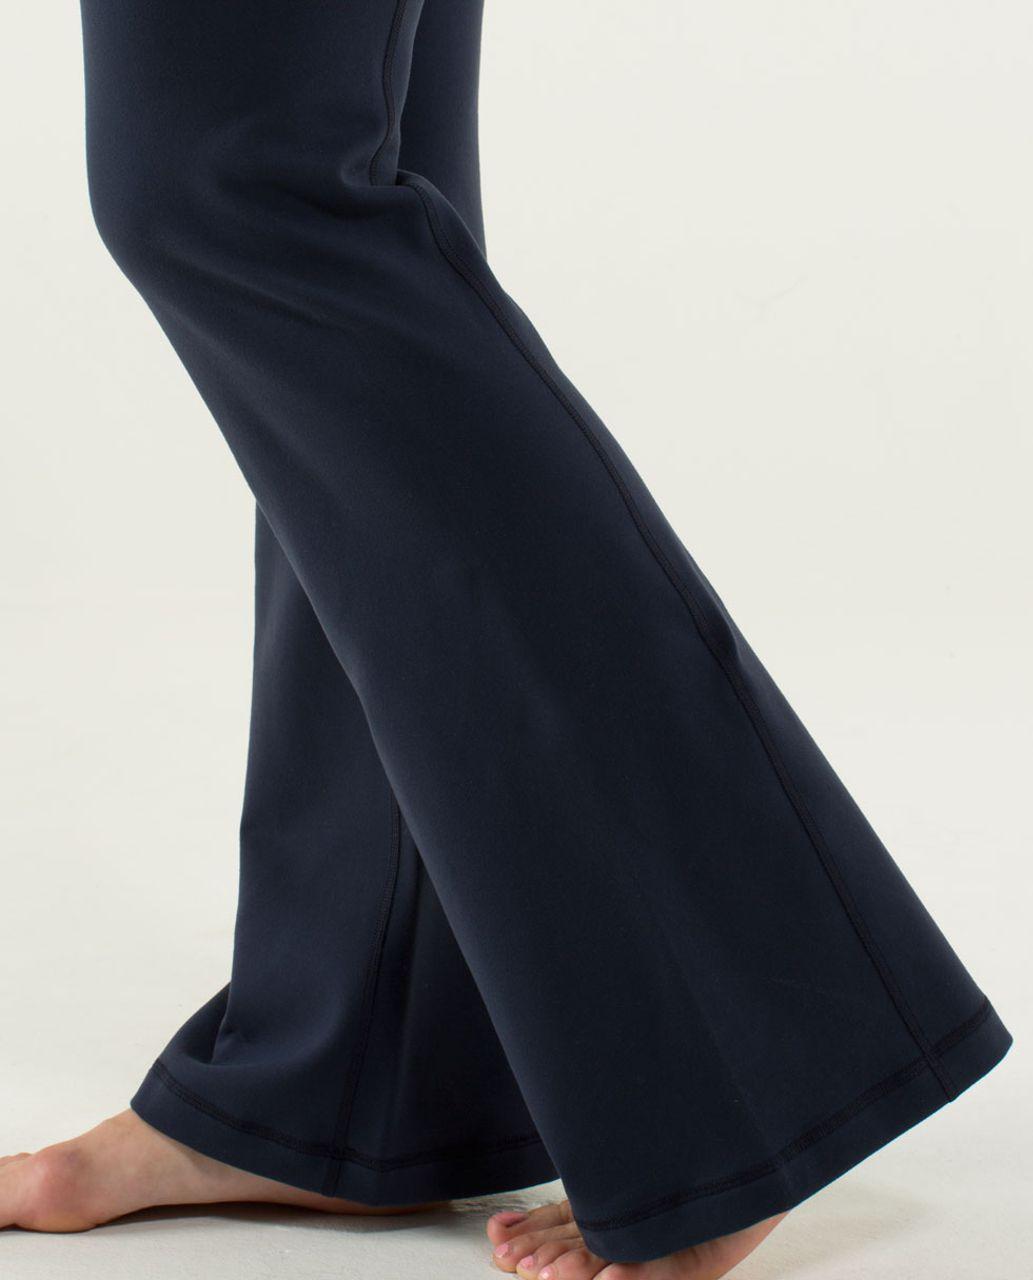 Lululemon Groove Pant (Regular) - Inkwell / Slalom Stripe Inkwell / Hyper Stripe Green Bean